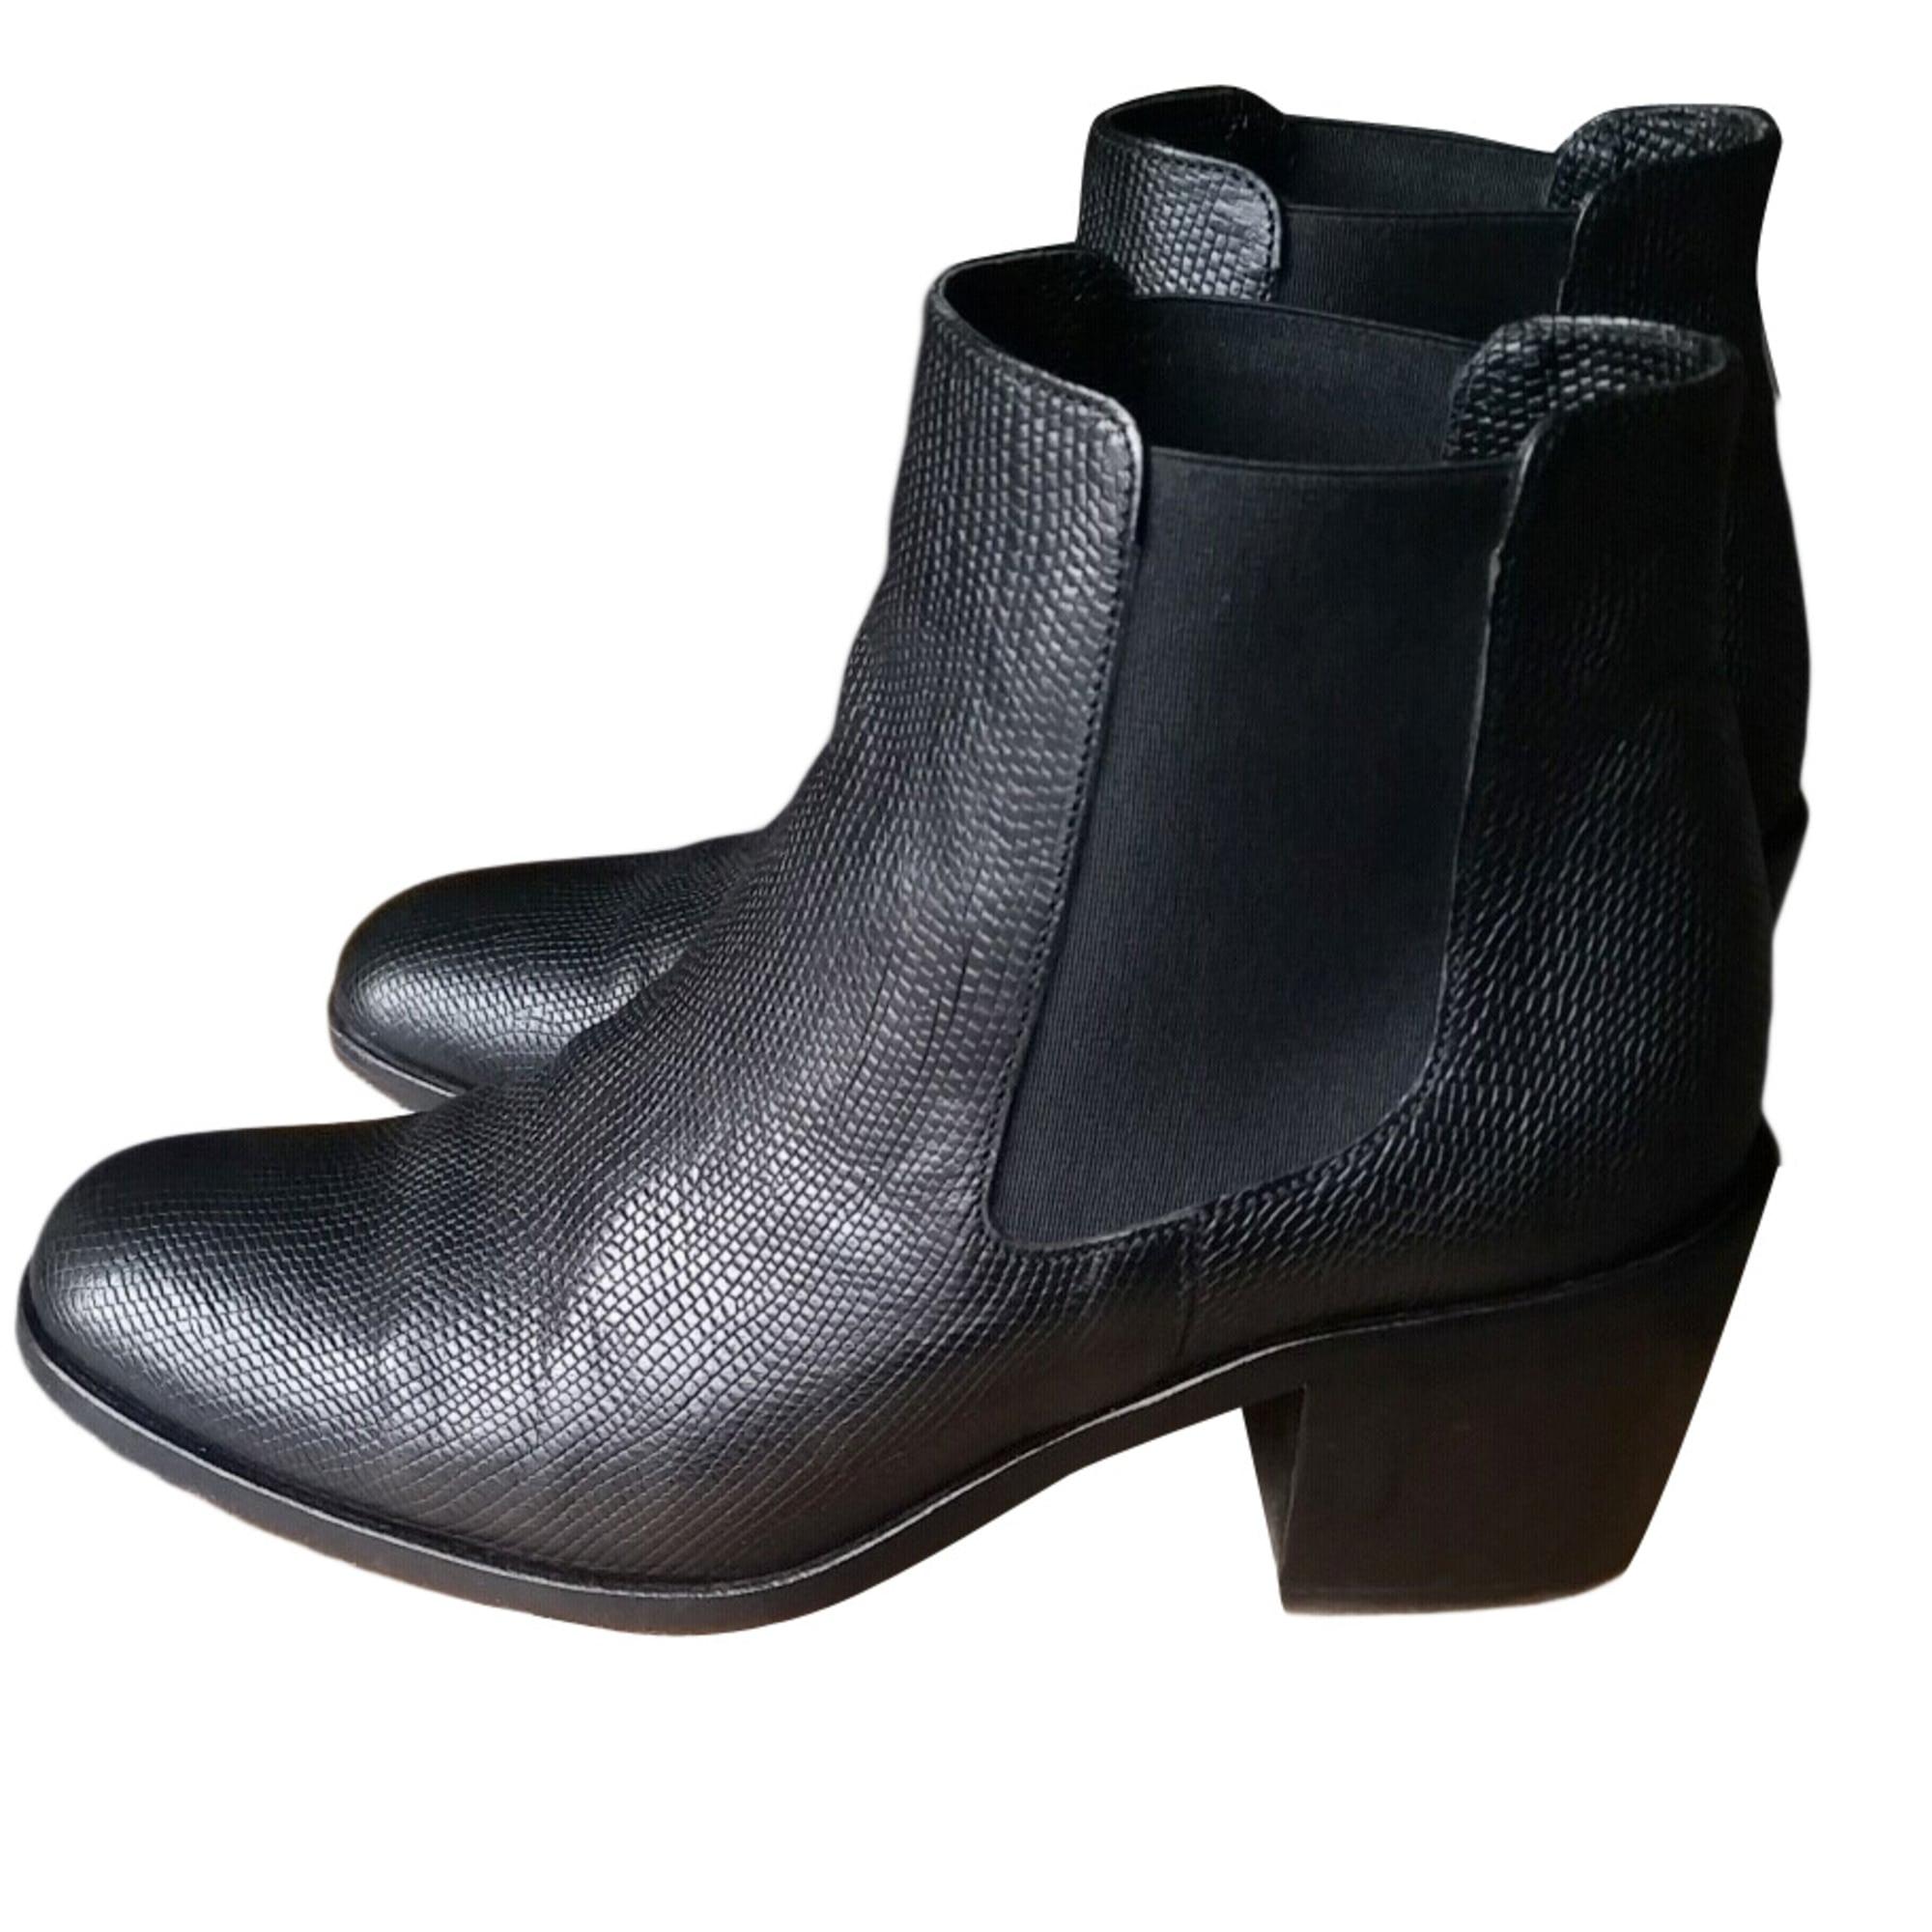 Bottines & low boots à talons DESIGUAL cuir noir 37 7dLY7uI